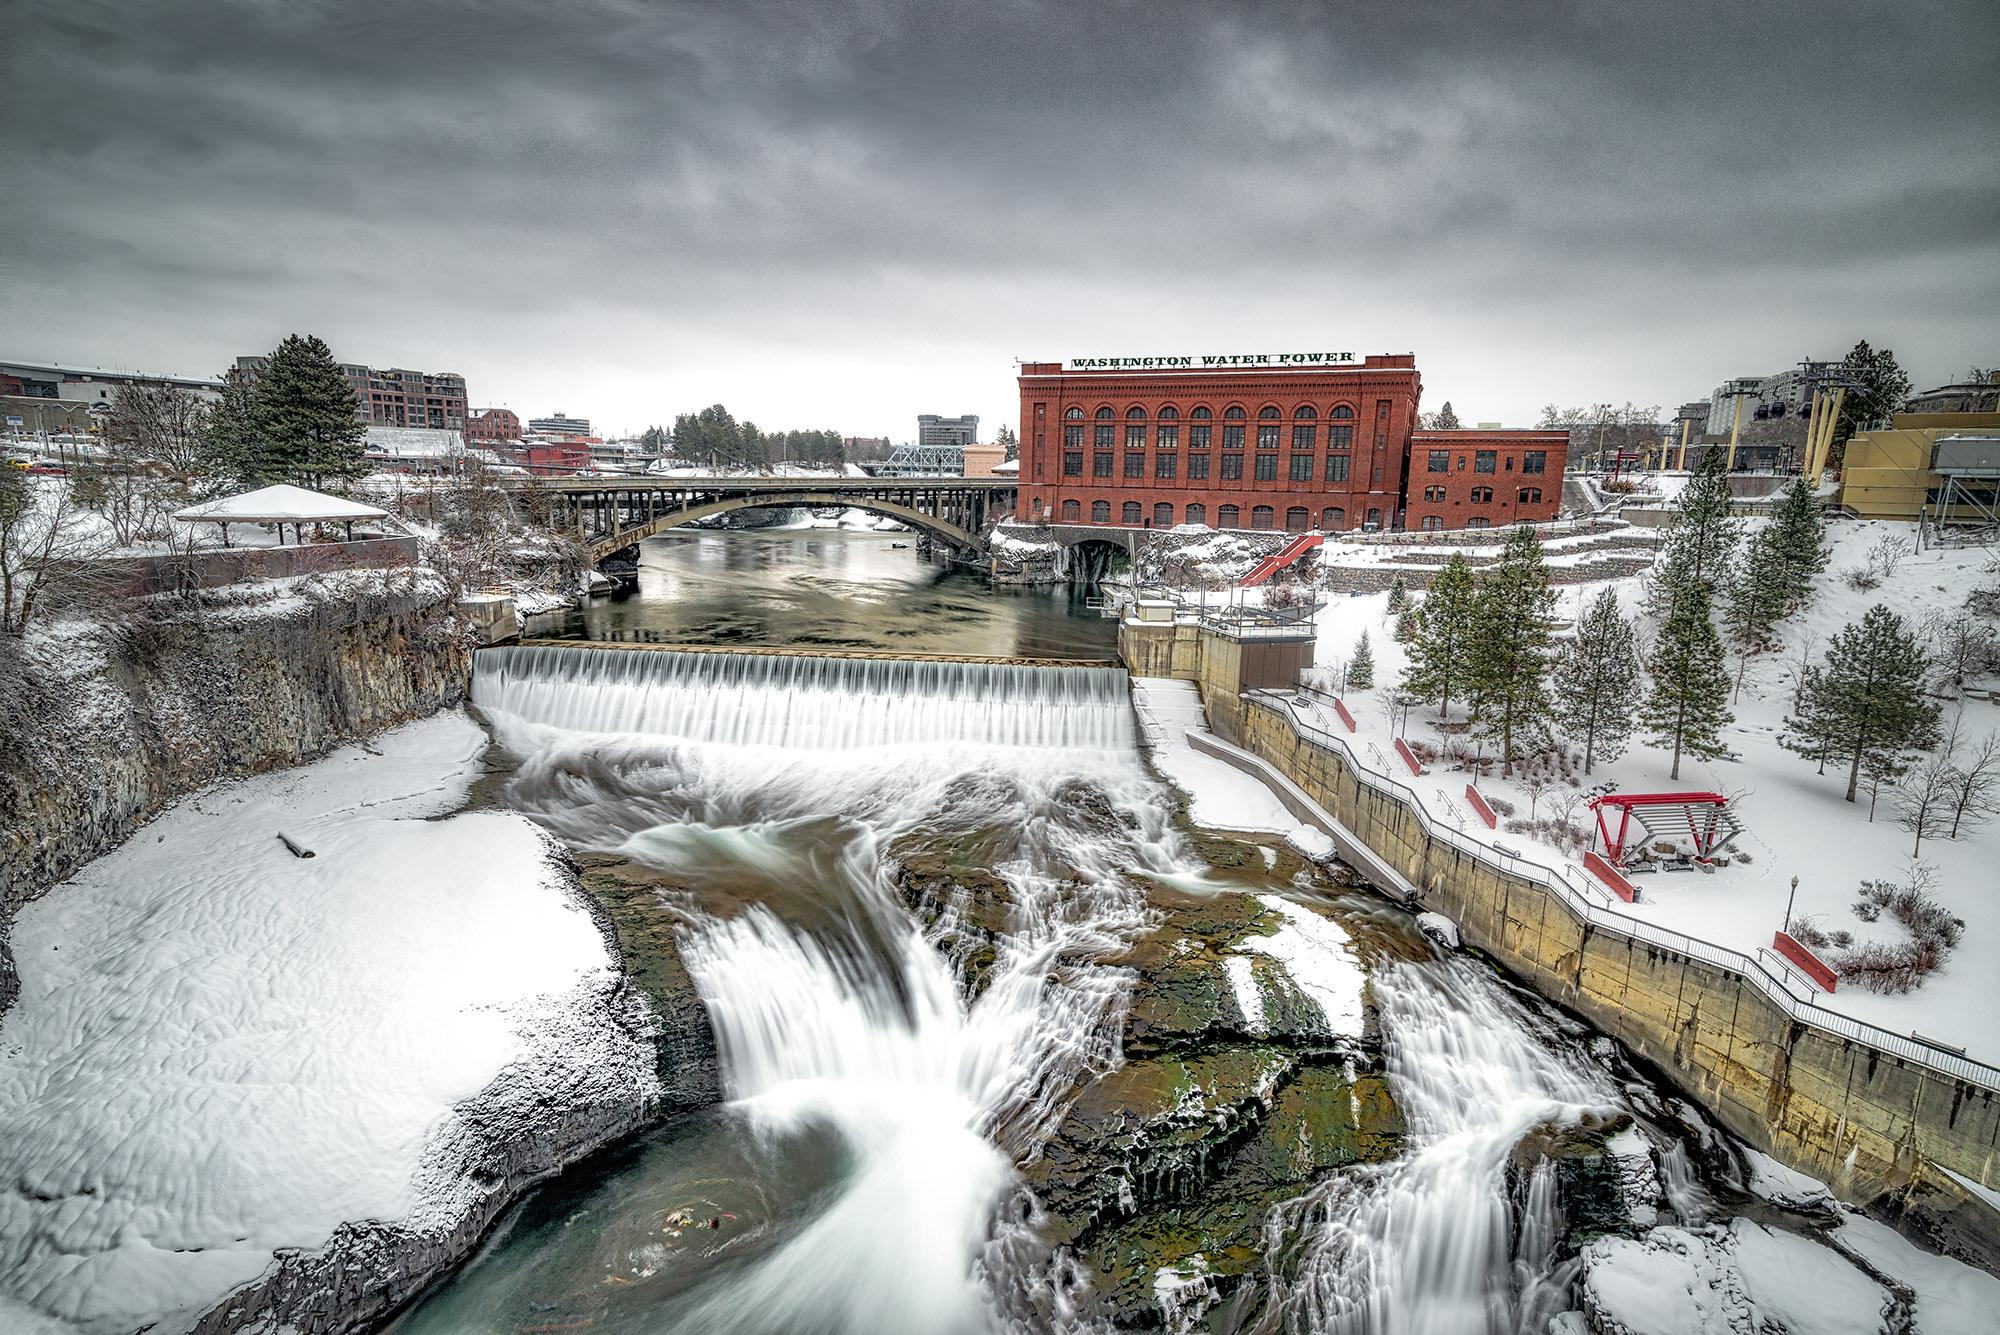 Technical: Spokane Falls in Winter